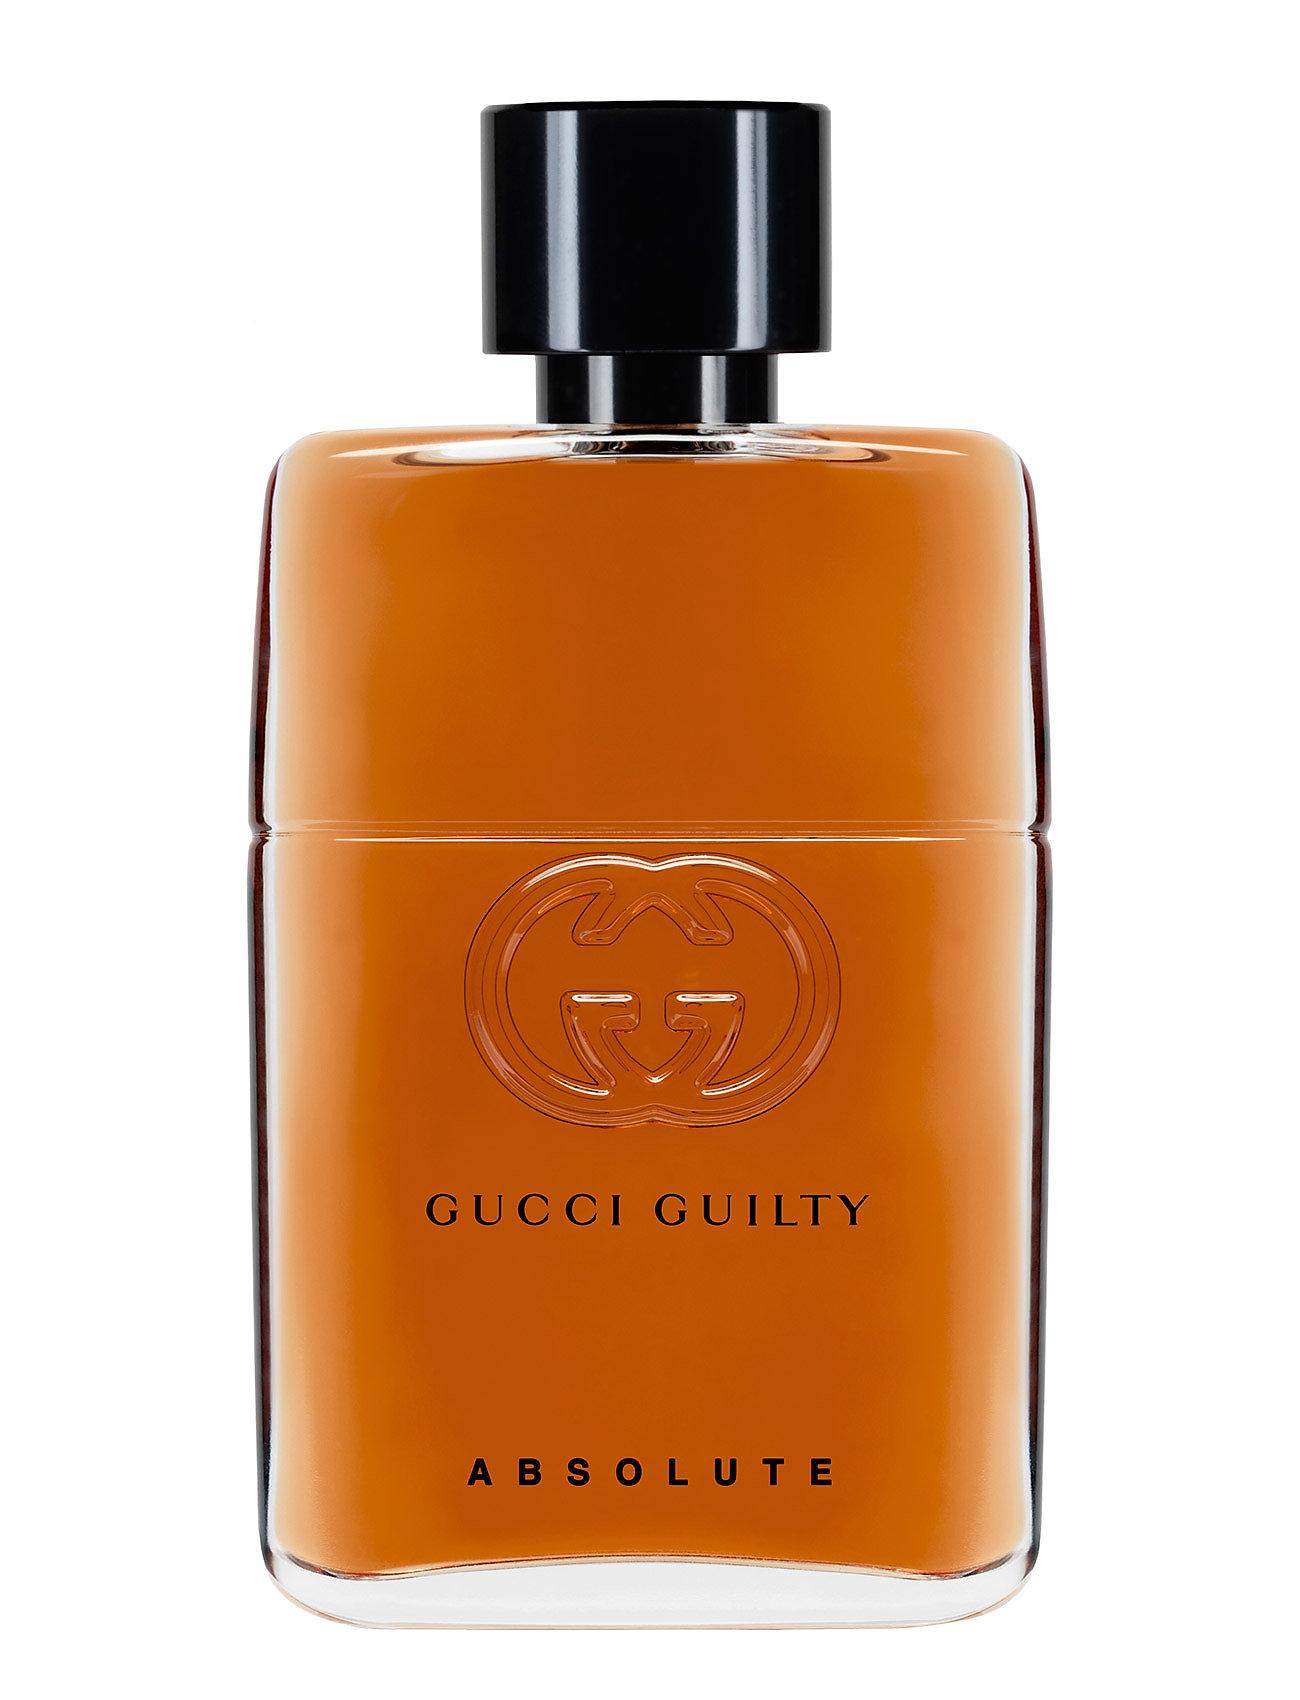 Gucci guilty ph absolut eau de parf fra gucci på boozt.com dk